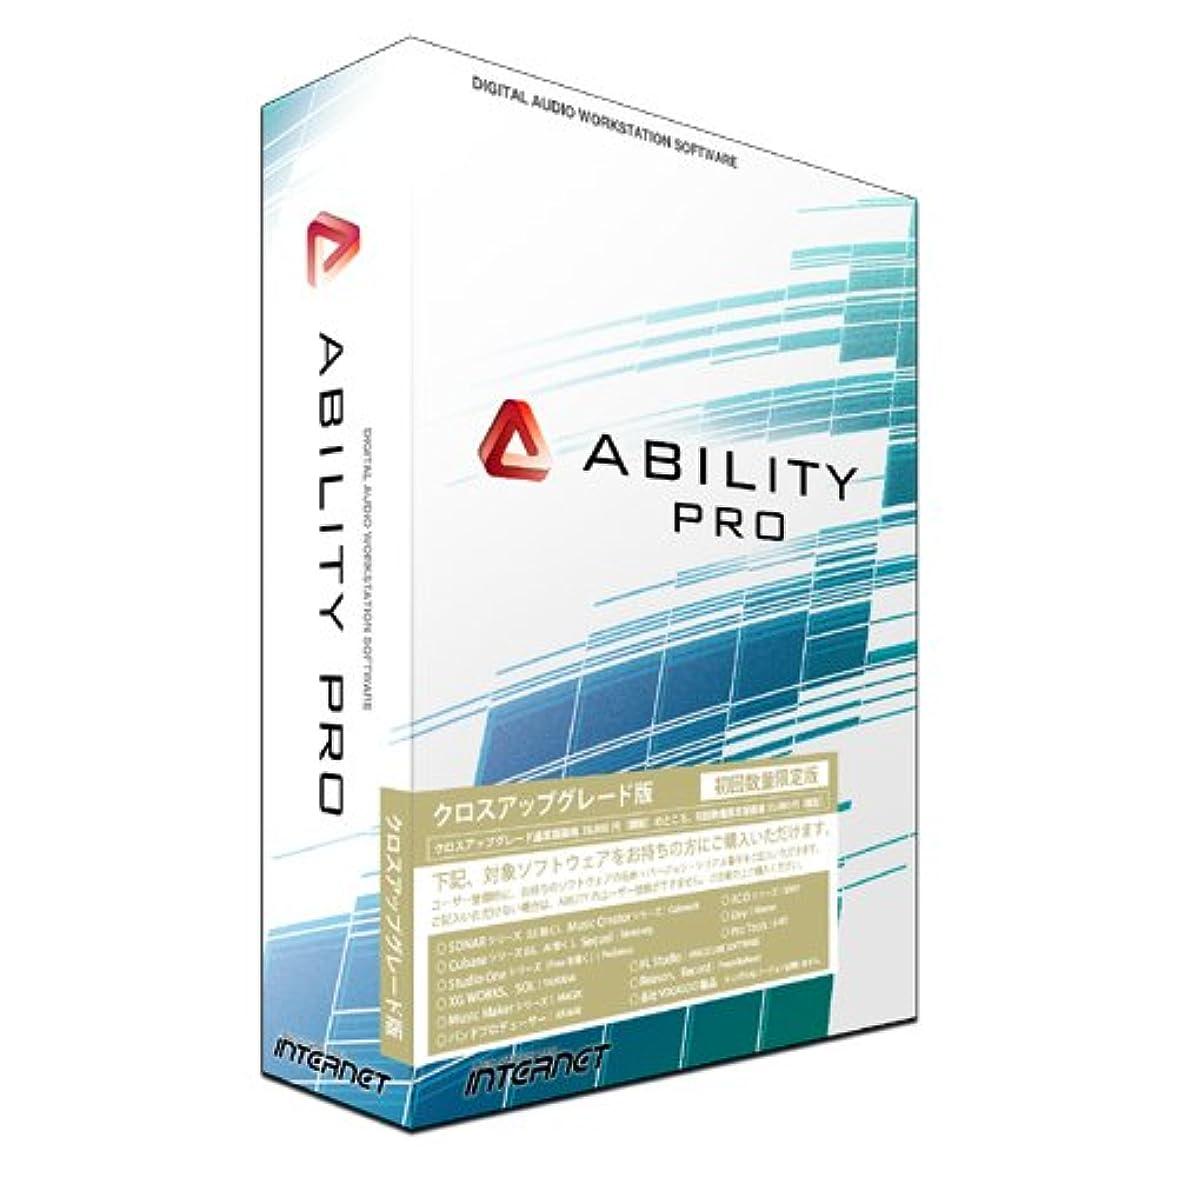 恥ずかしい緩める無視インターネット DAWソフト ABILITY Pro クロスアップグレード版 初回数量限定